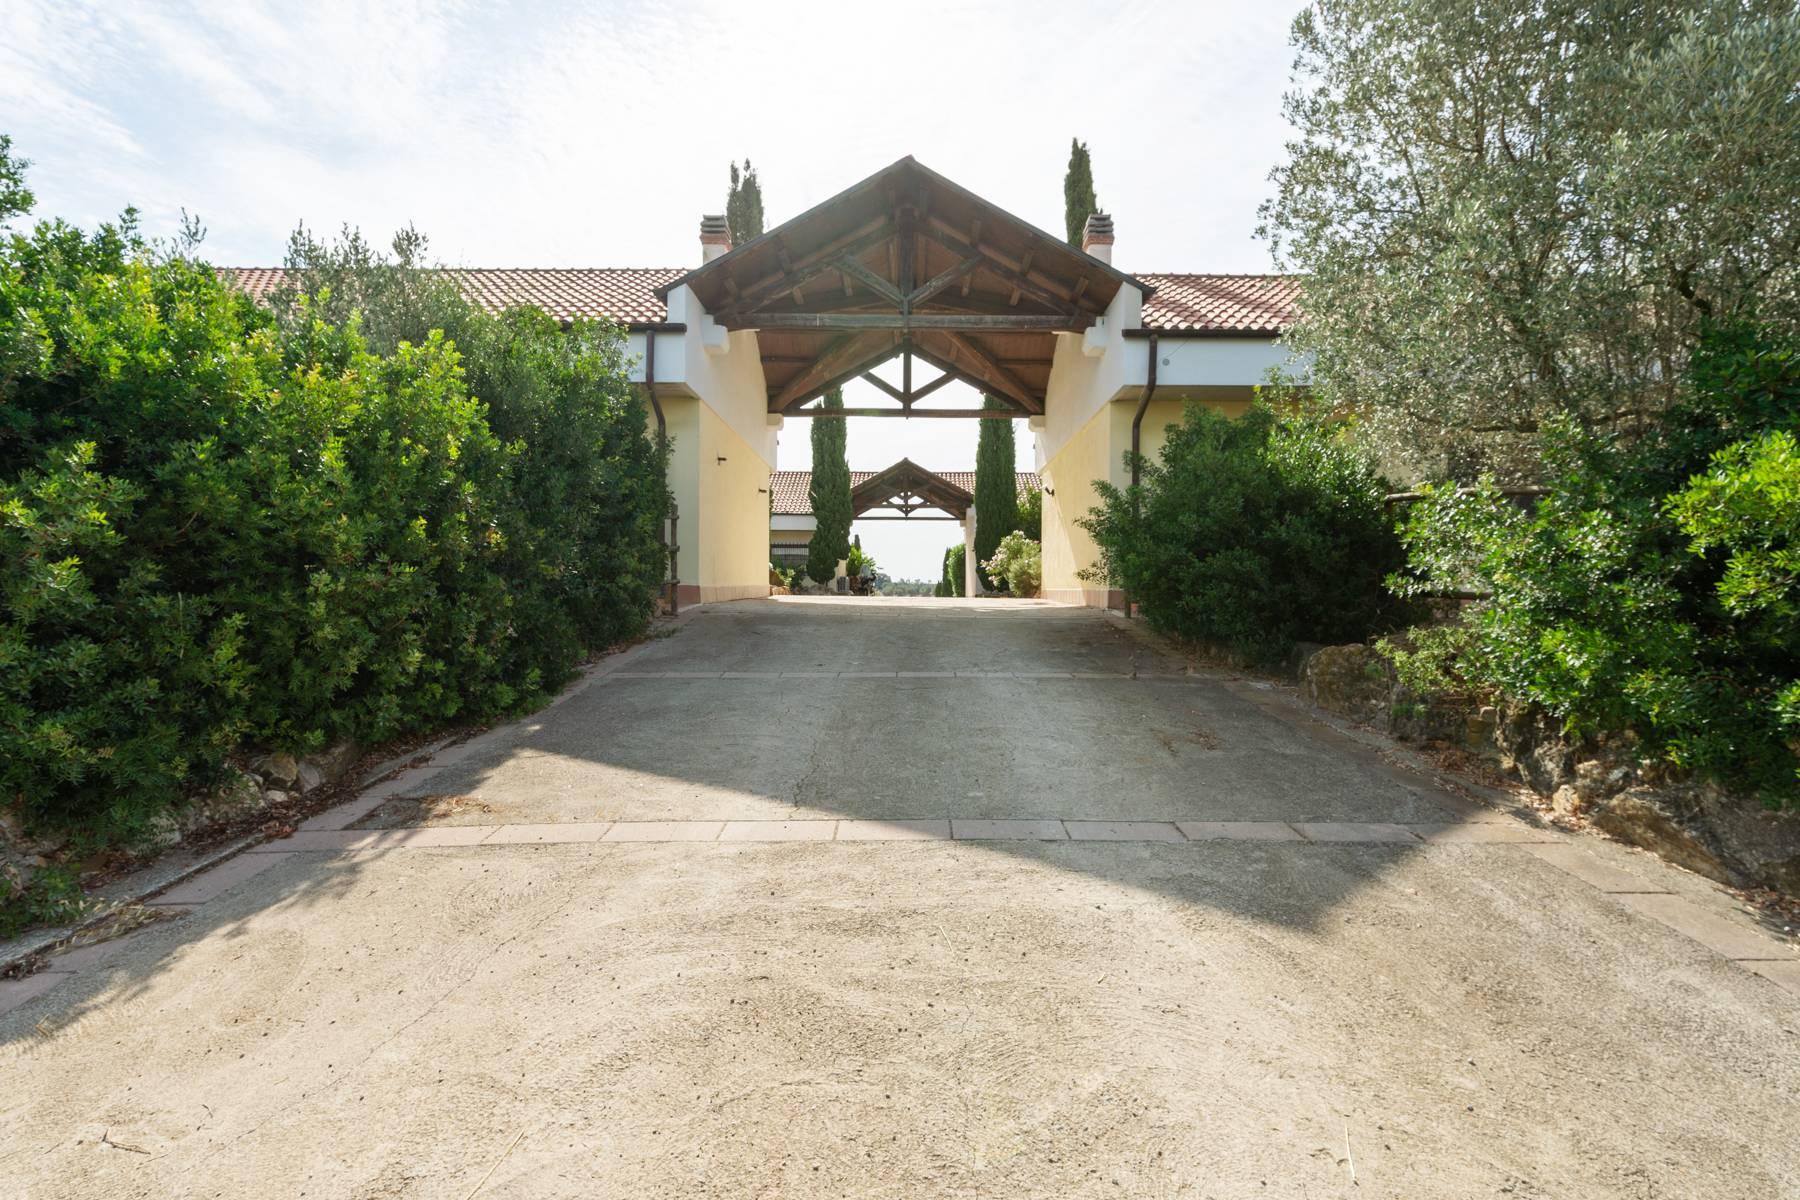 Villa in Vendita a Montalto Di Castro: 5 locali, 231 mq - Foto 2